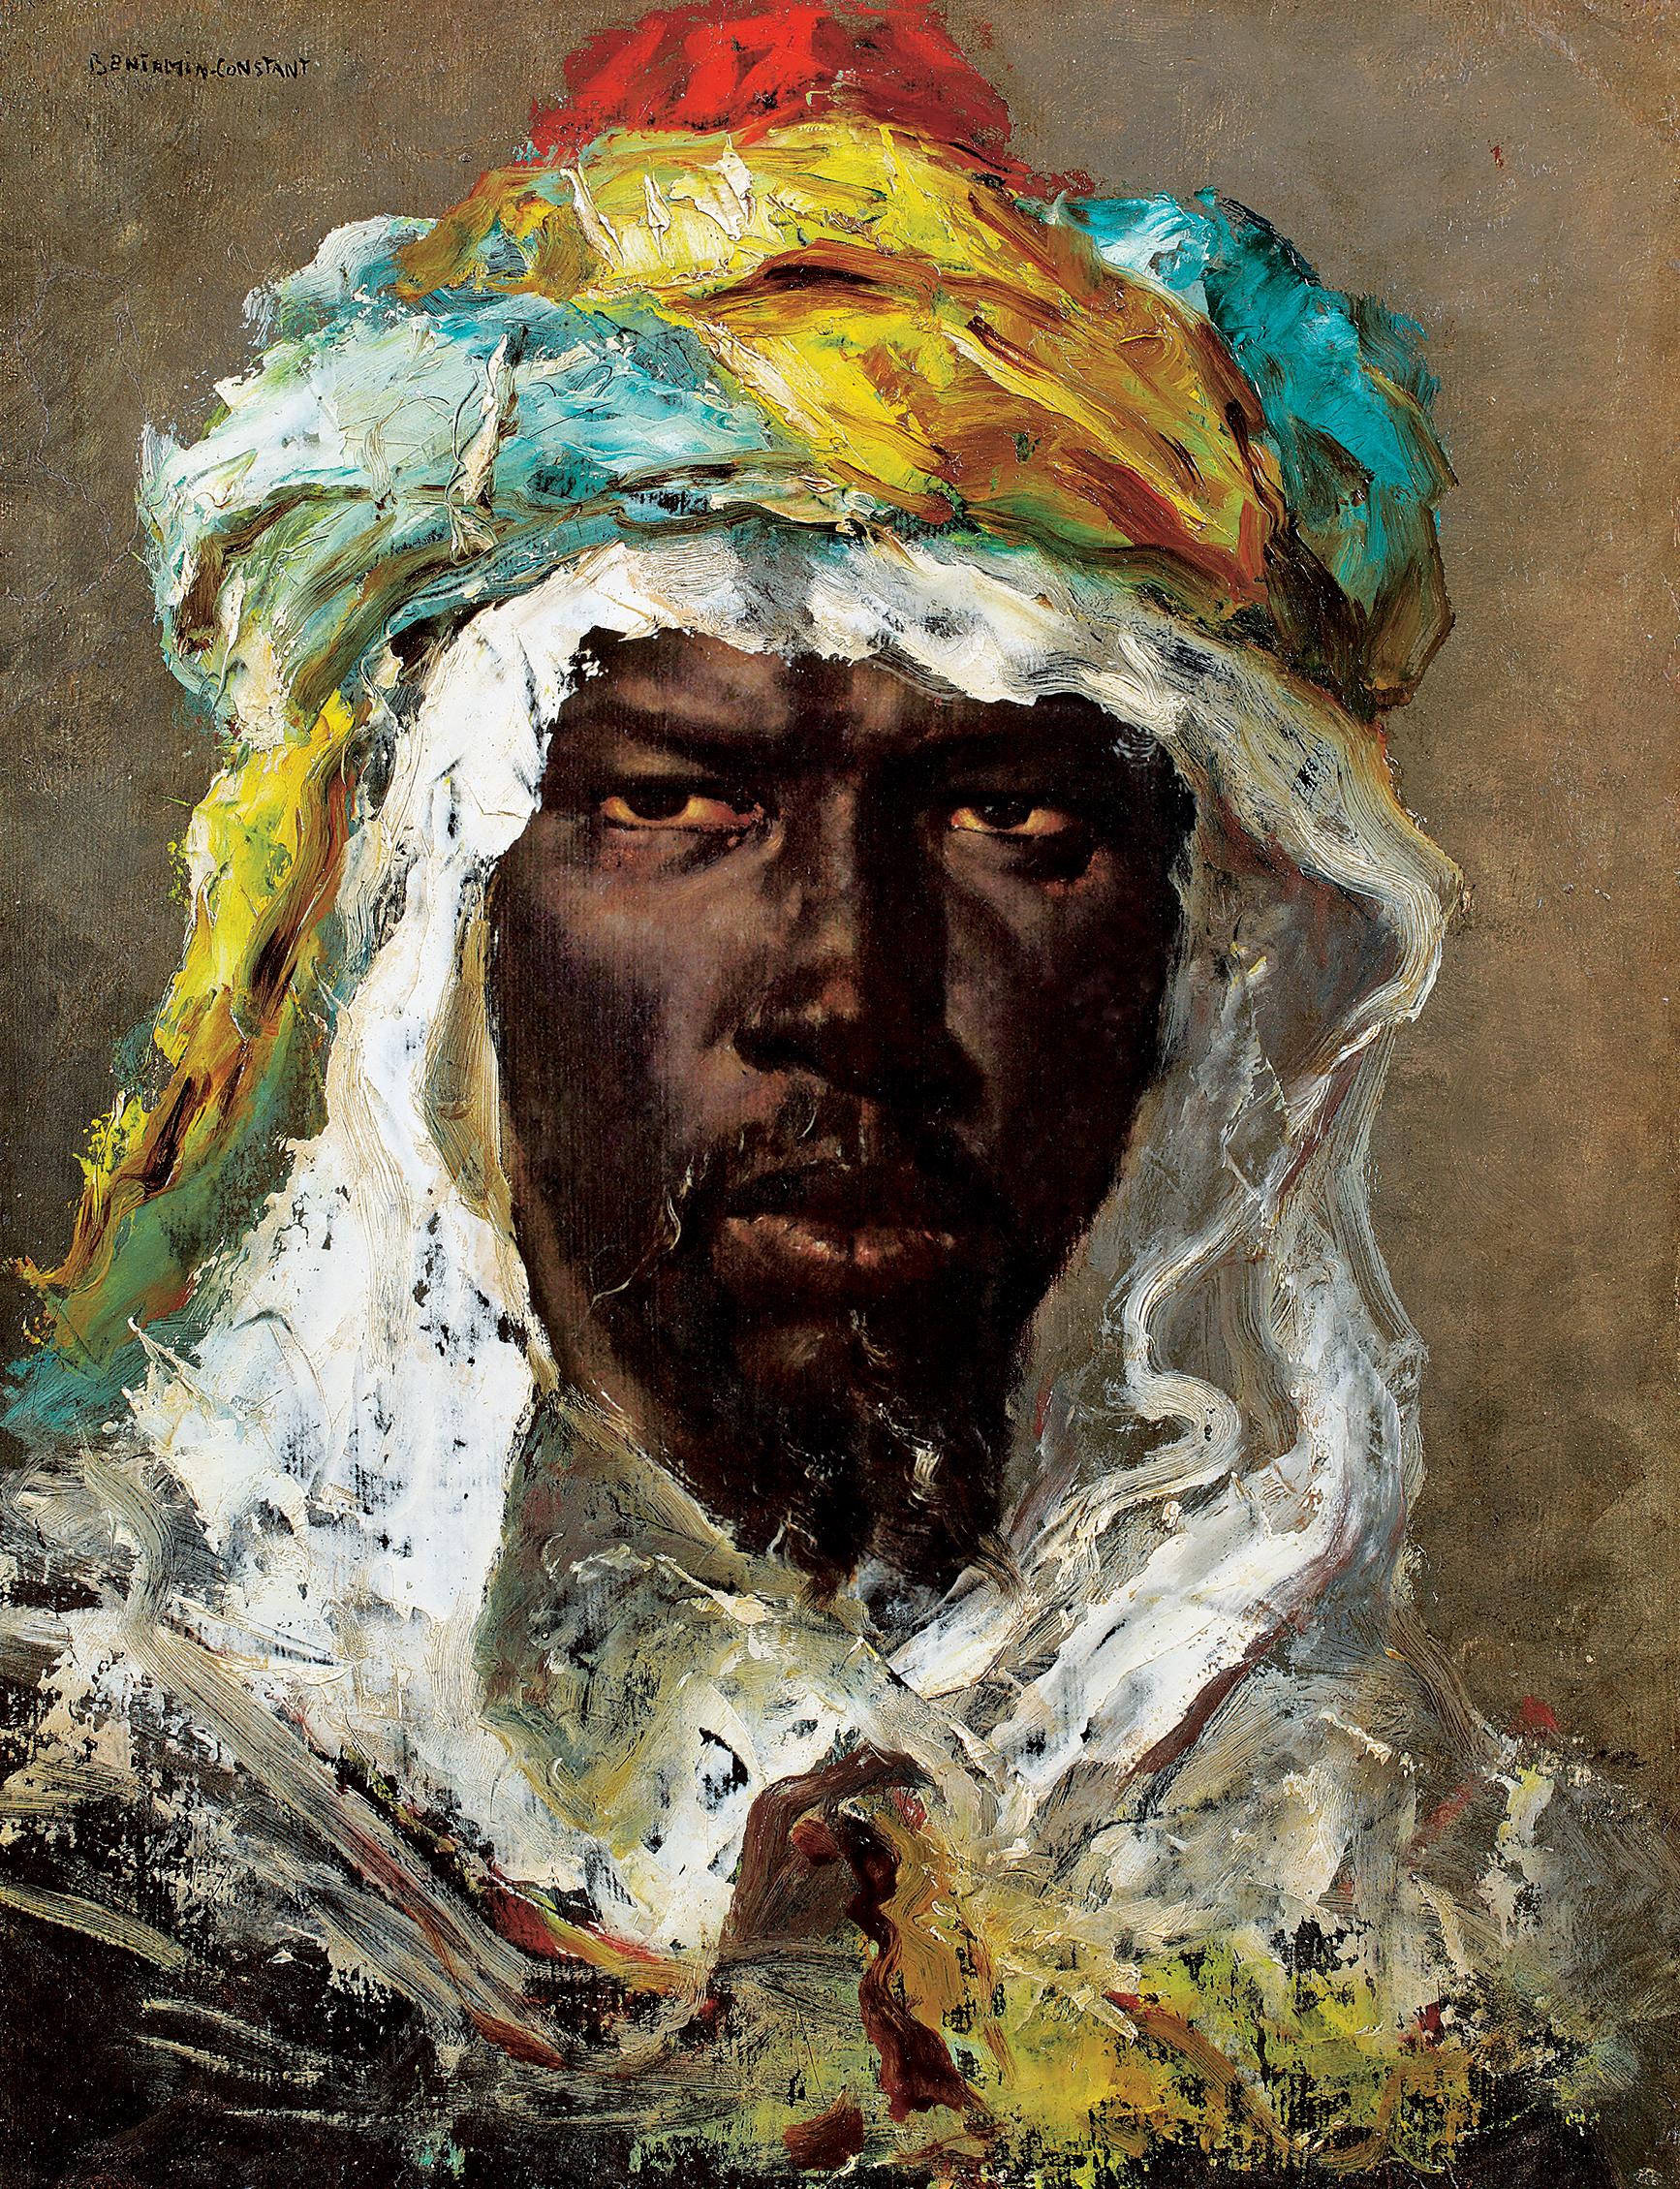 Merveilles et mirages de l'orientalisme à Montréal : De l'Espagne au Maroc, Benjamin-Constant en son temps - Du 31 janvier au 31 mai 2015